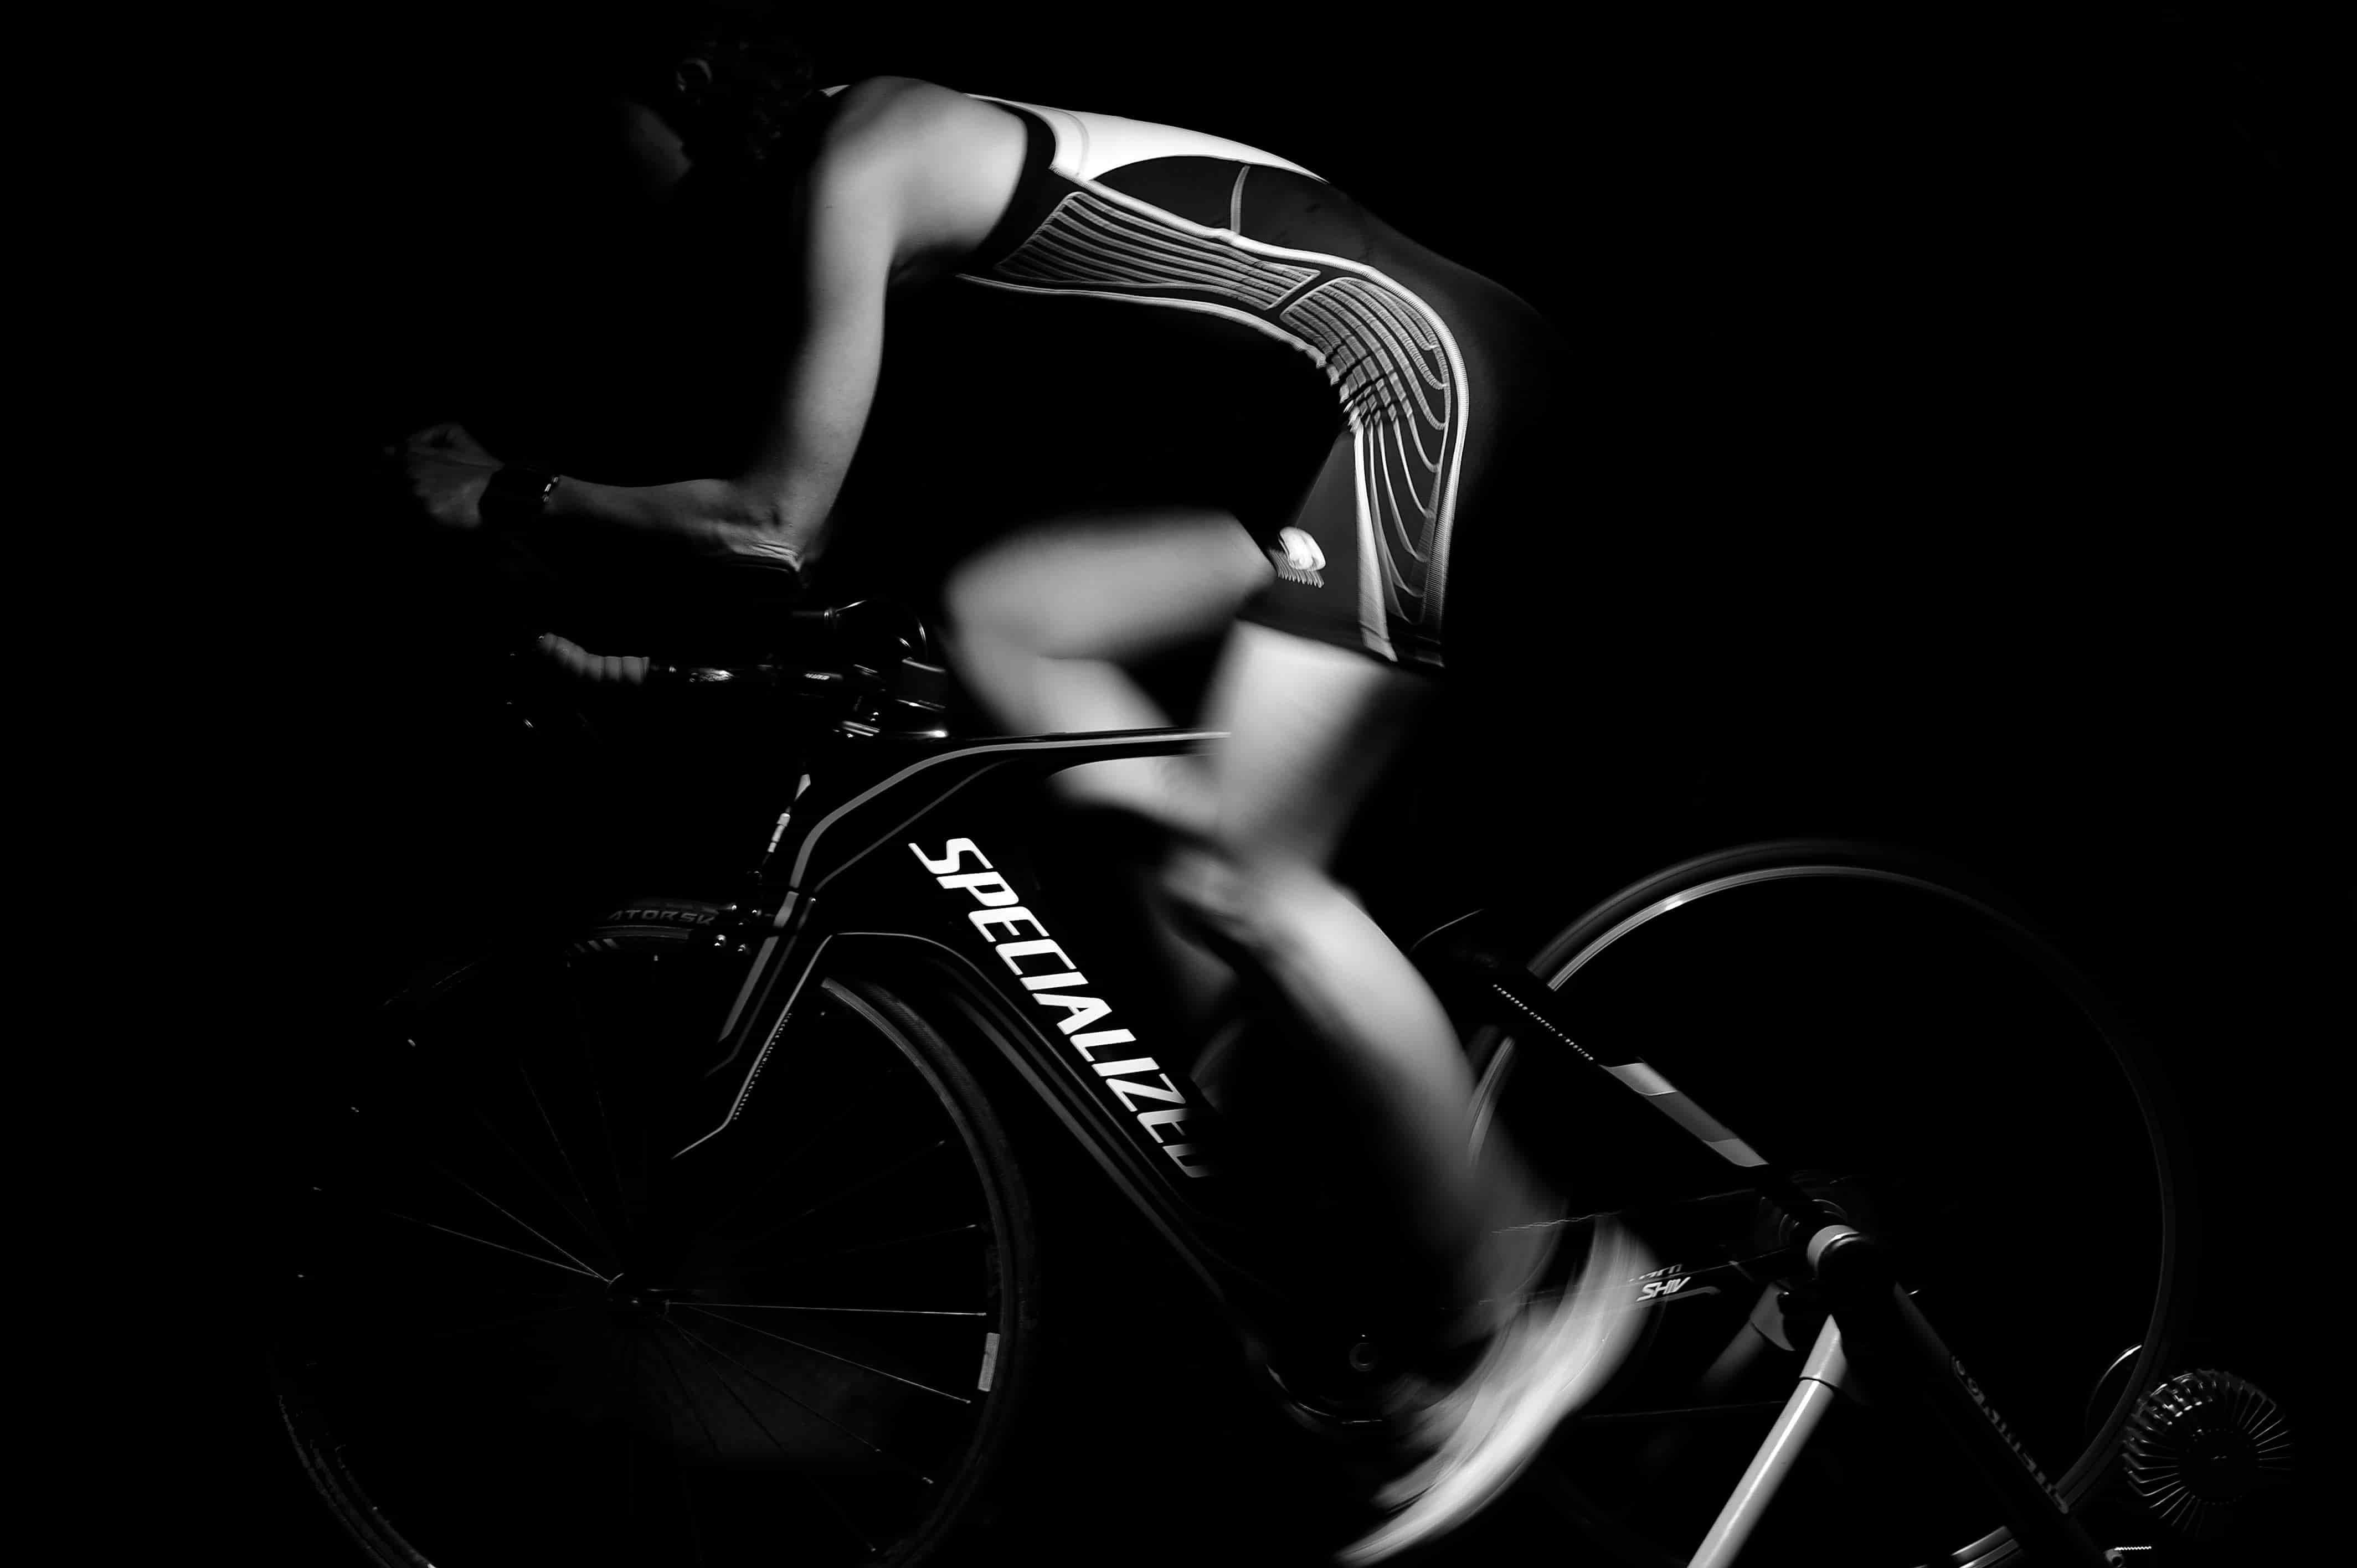 열심히 자전거를 타고 있다